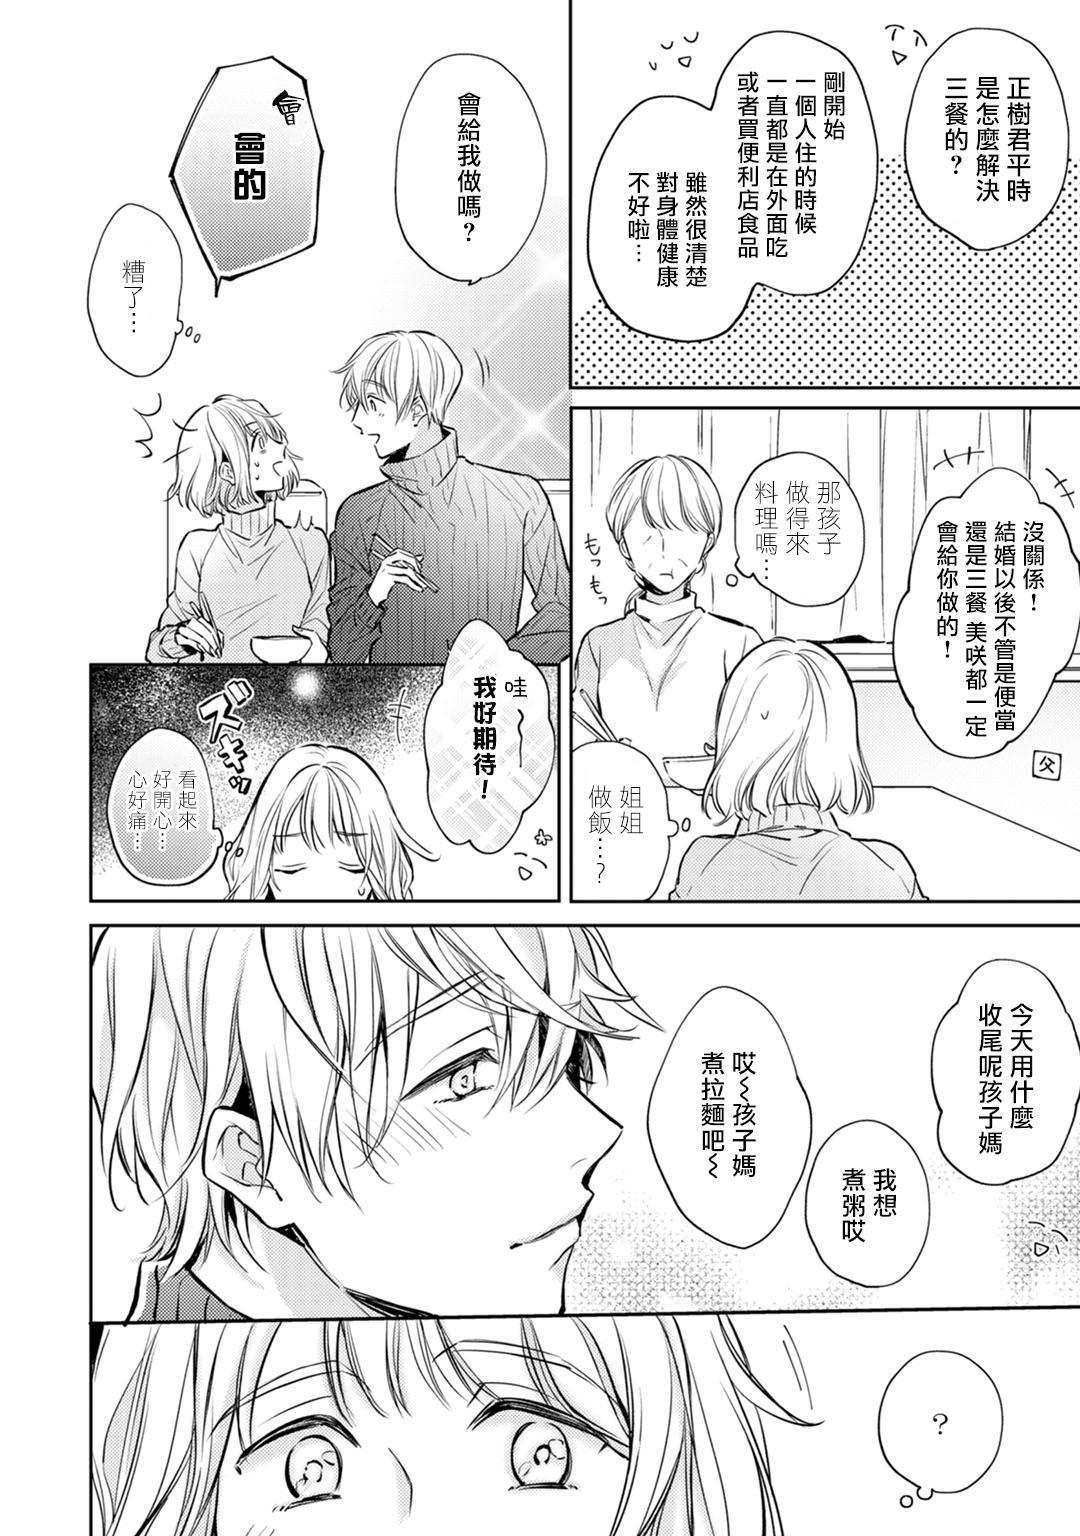 [Shichigatsu Motomi]  Sonna Kao shite, Sasotteru? ~Dekiai Shachou to Migawari Omiaikekkon!?~ 1-11  這種表情,在誘惑我嗎?~溺愛社長和替身相親結婚!? [Chinese] [拾荒者汉化组] 38